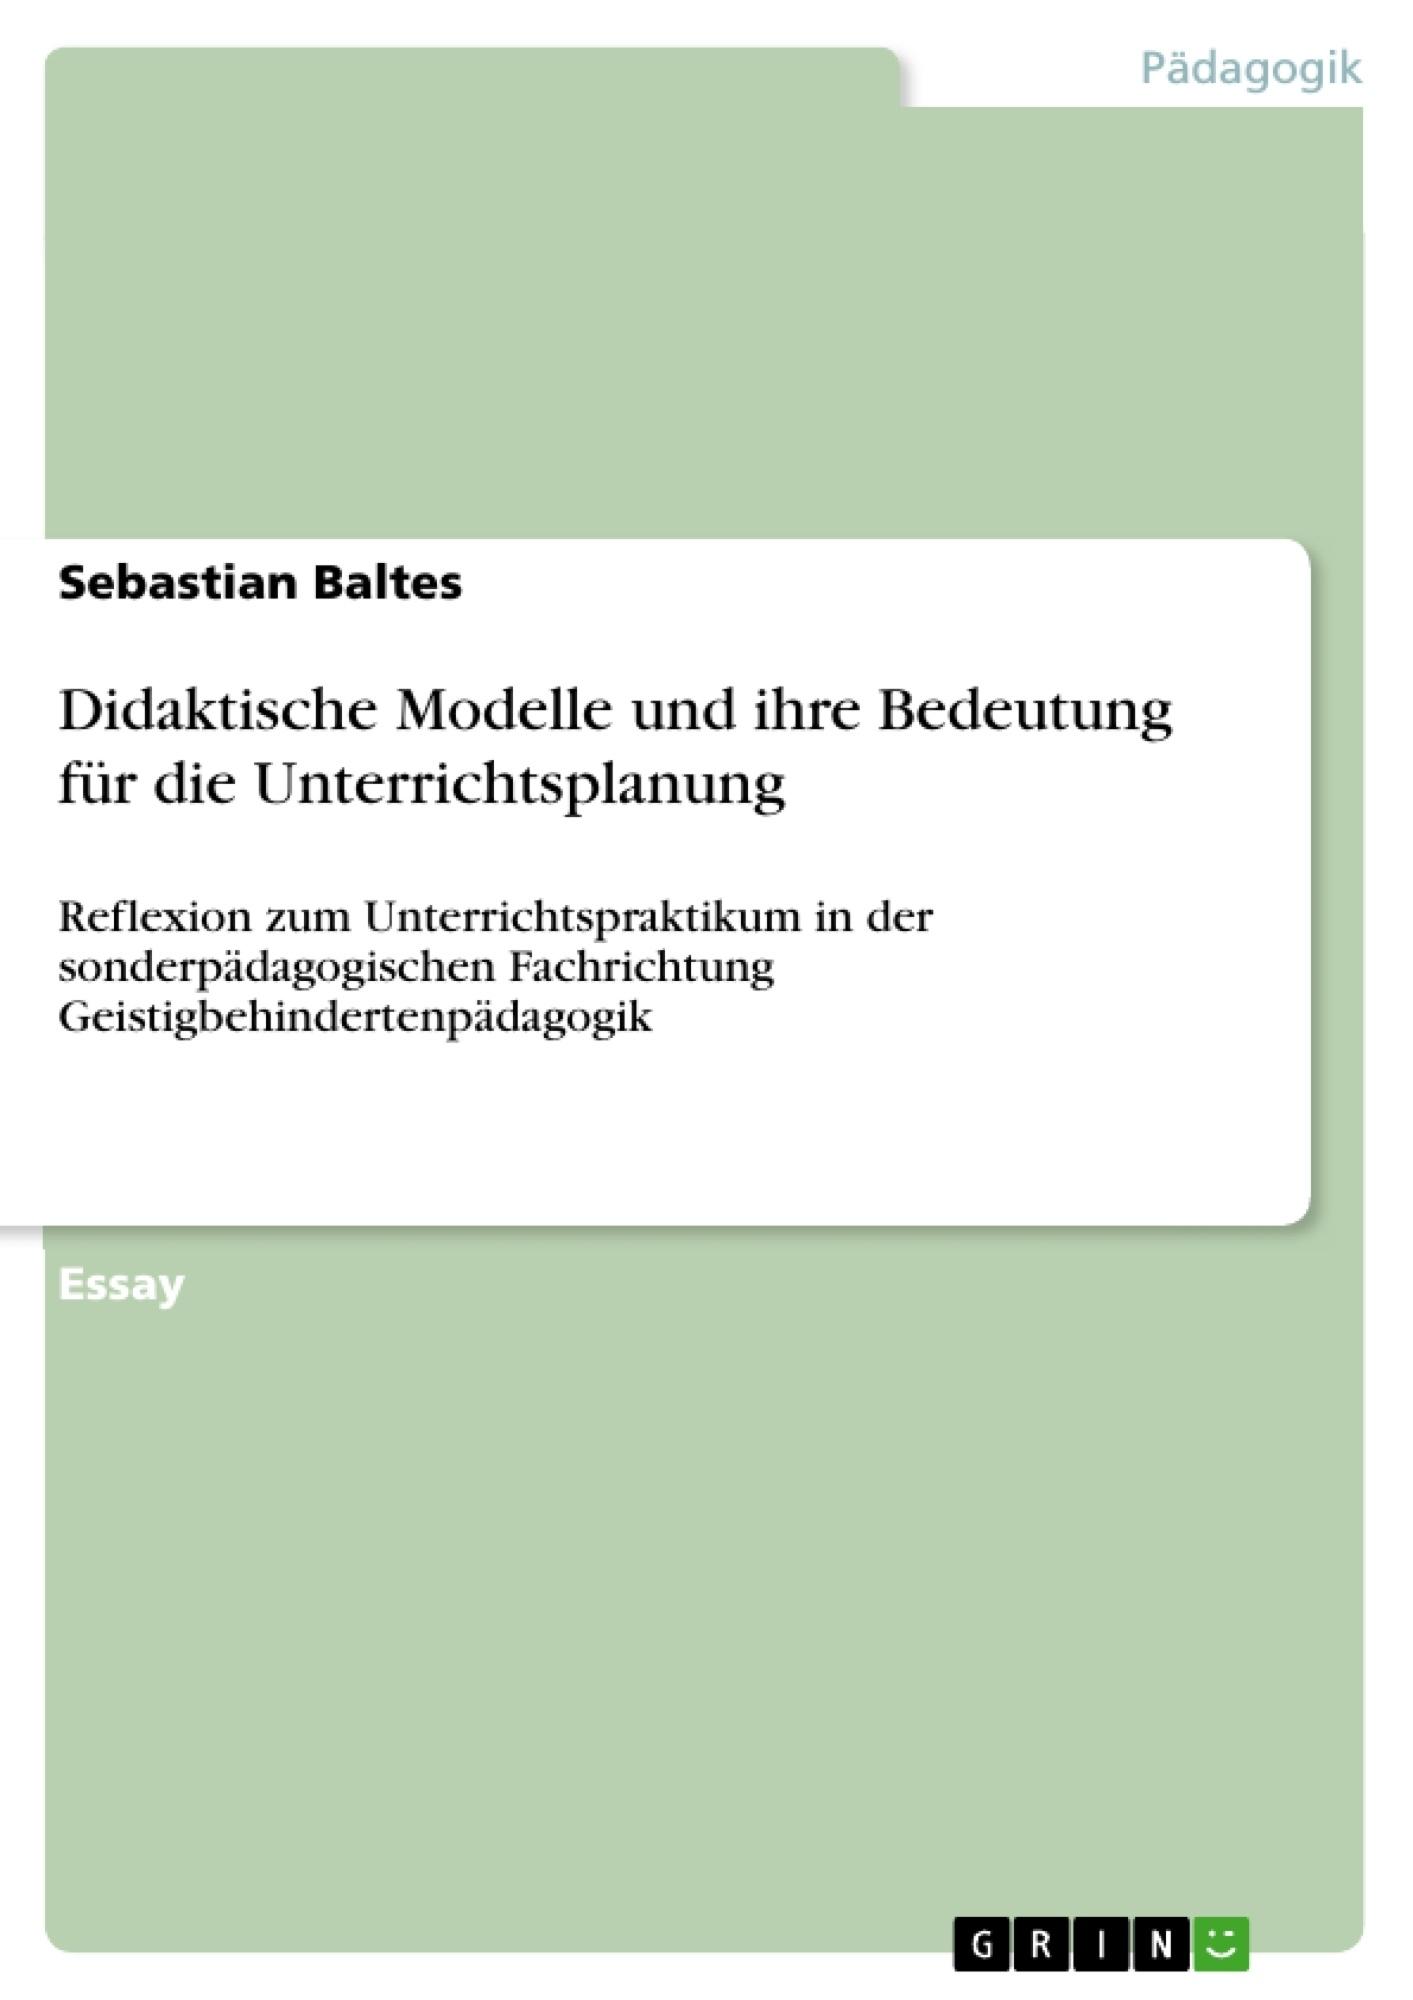 Titel: Didaktische Modelle und ihre Bedeutung für die Unterrichtsplanung